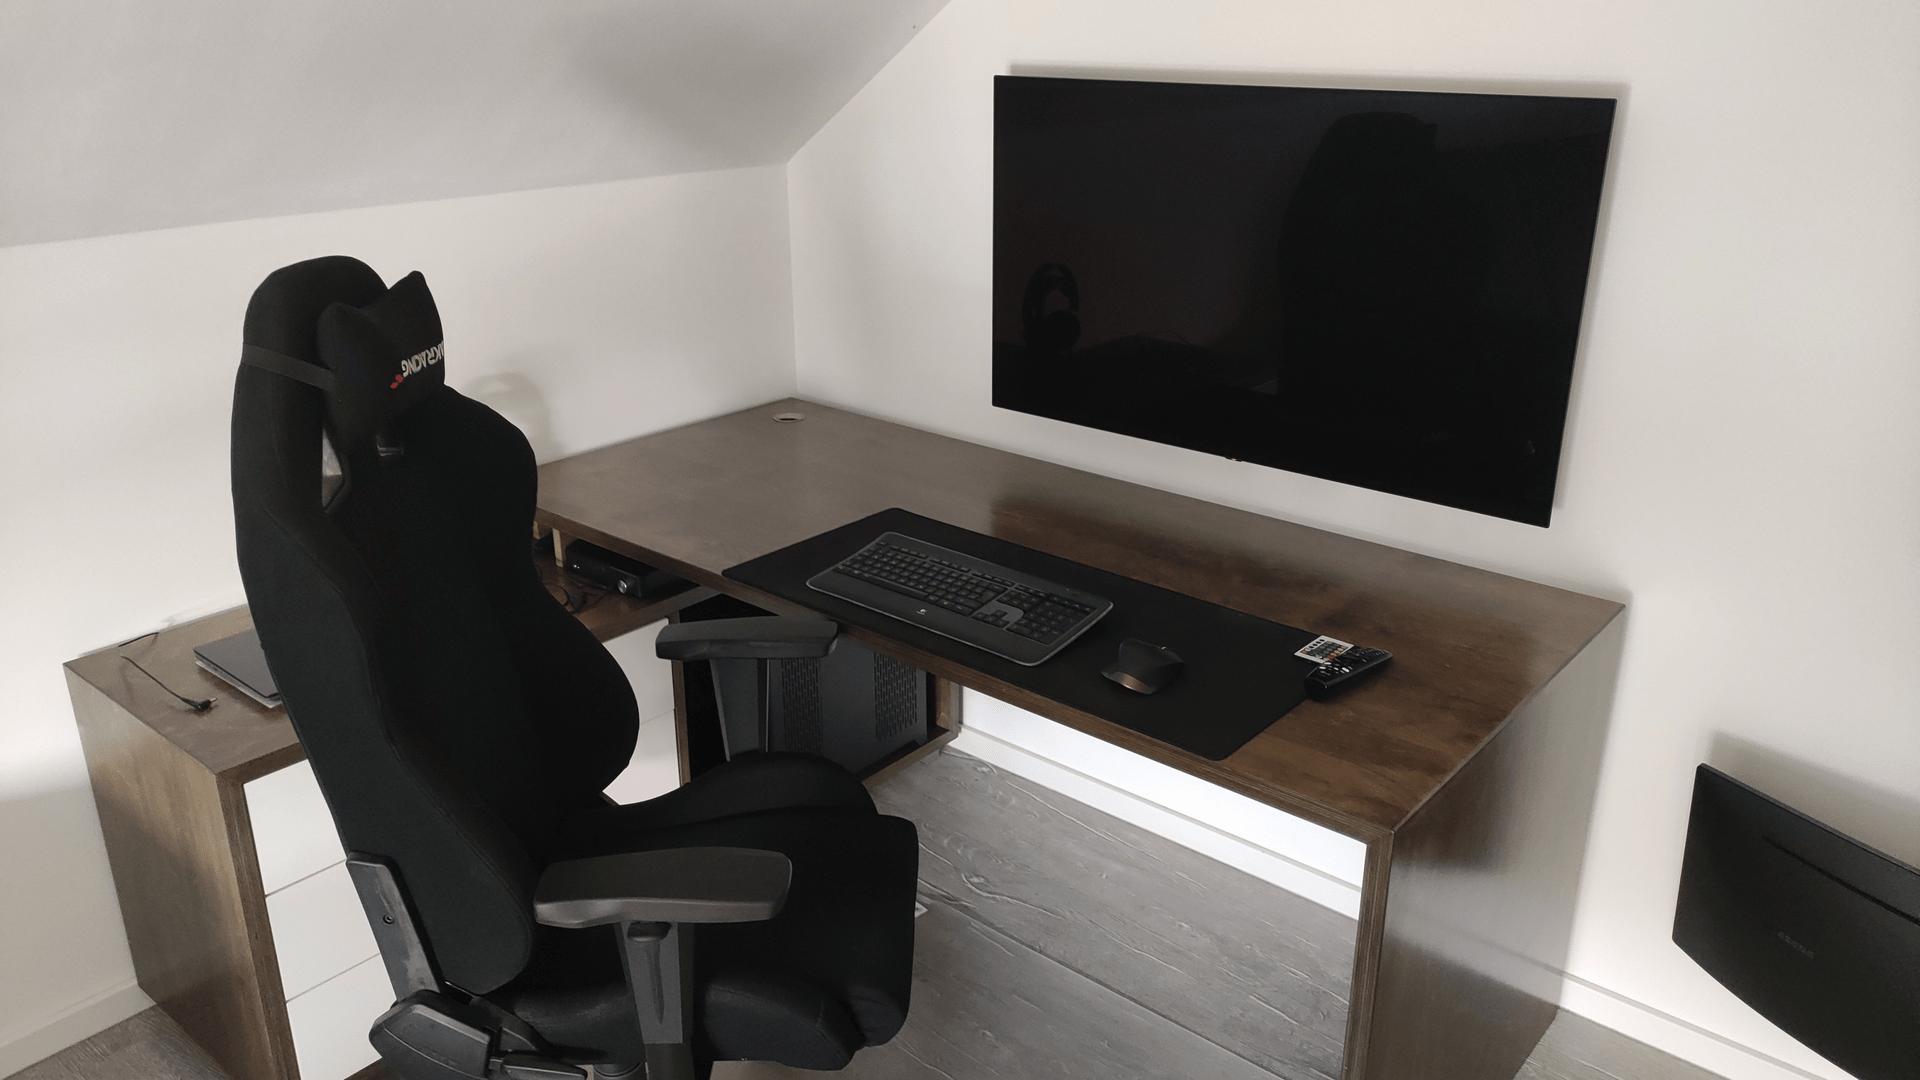 LG OLED 48CX im Monitorbetrieb auf dem Schreibtisch